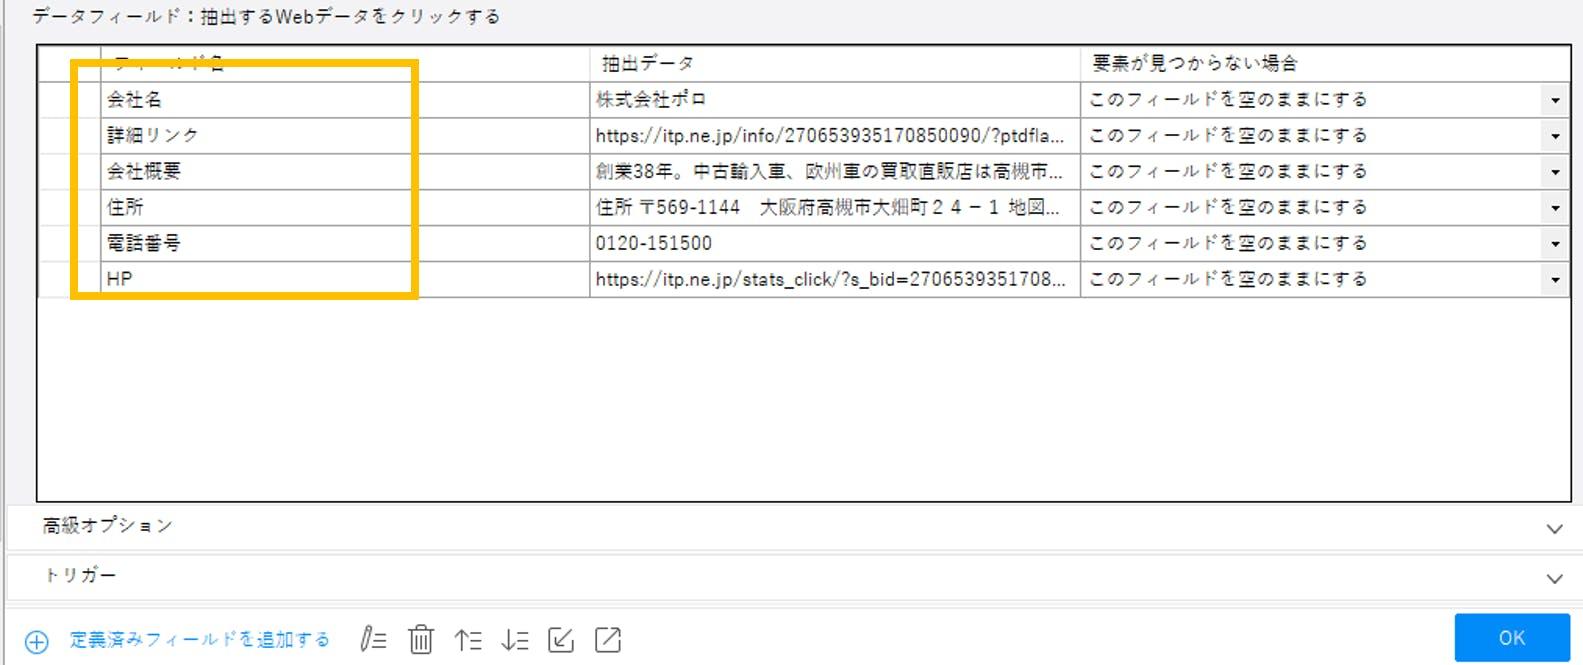 14-データ編集.png